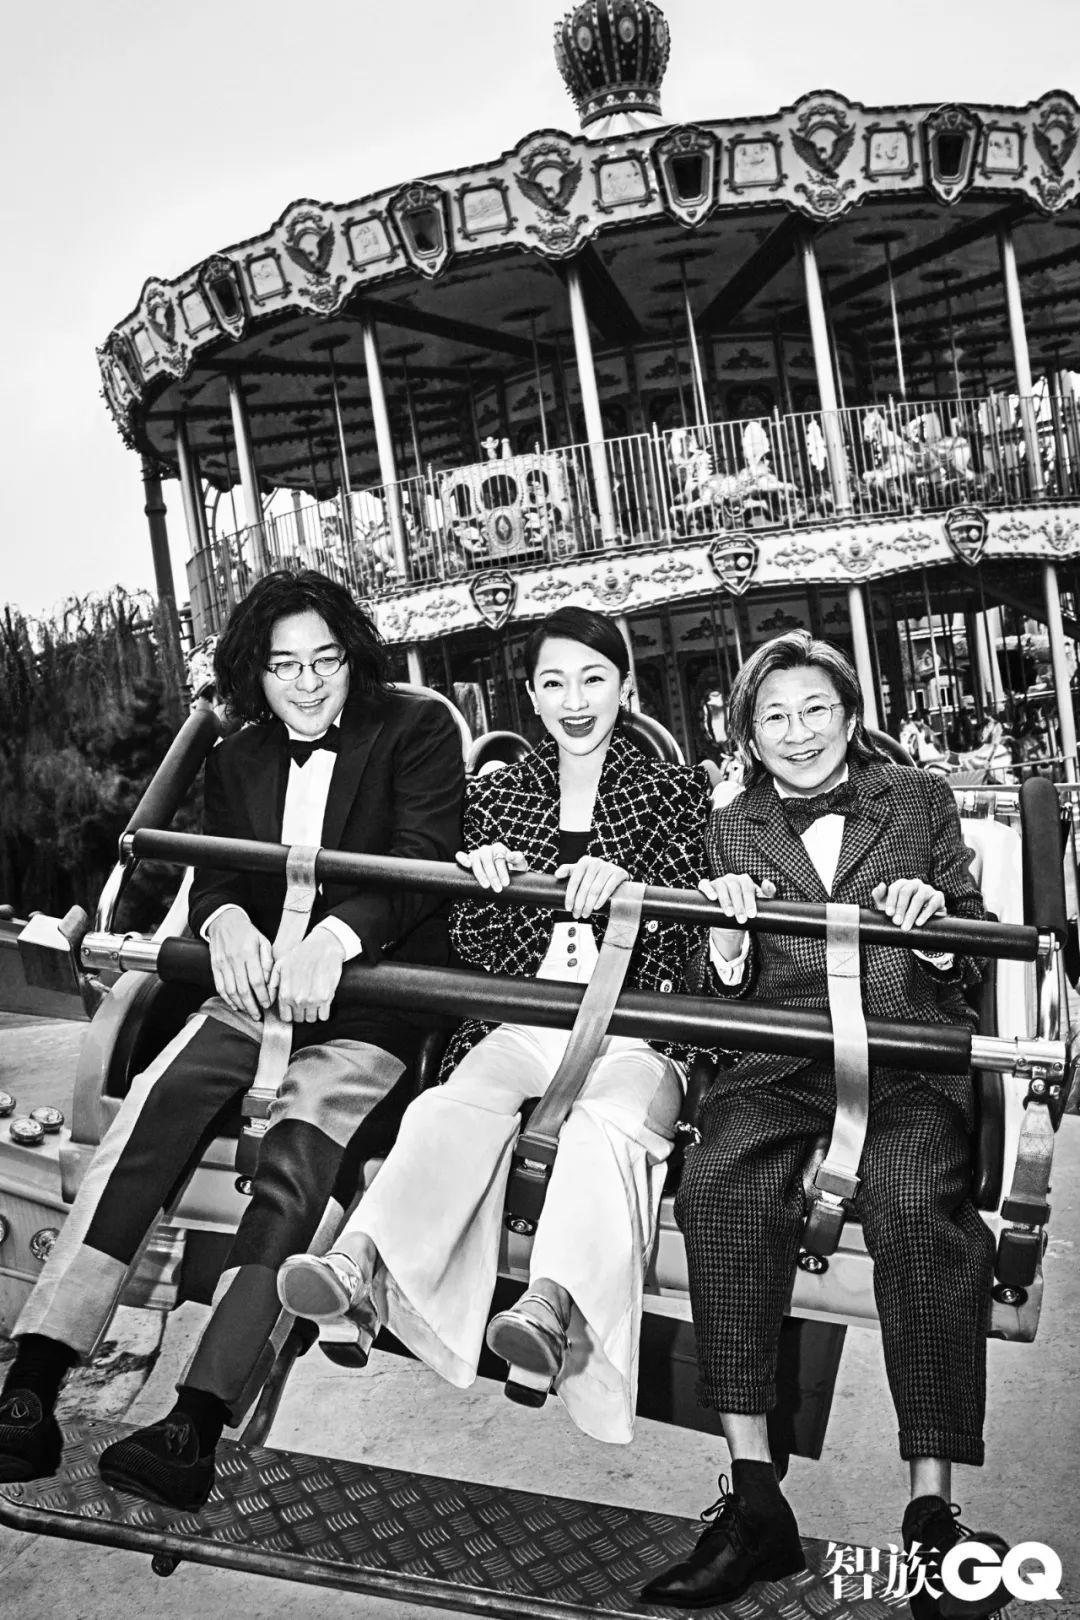 《智族GQ》2018年12月(大孩子的游乐场)【PDF】